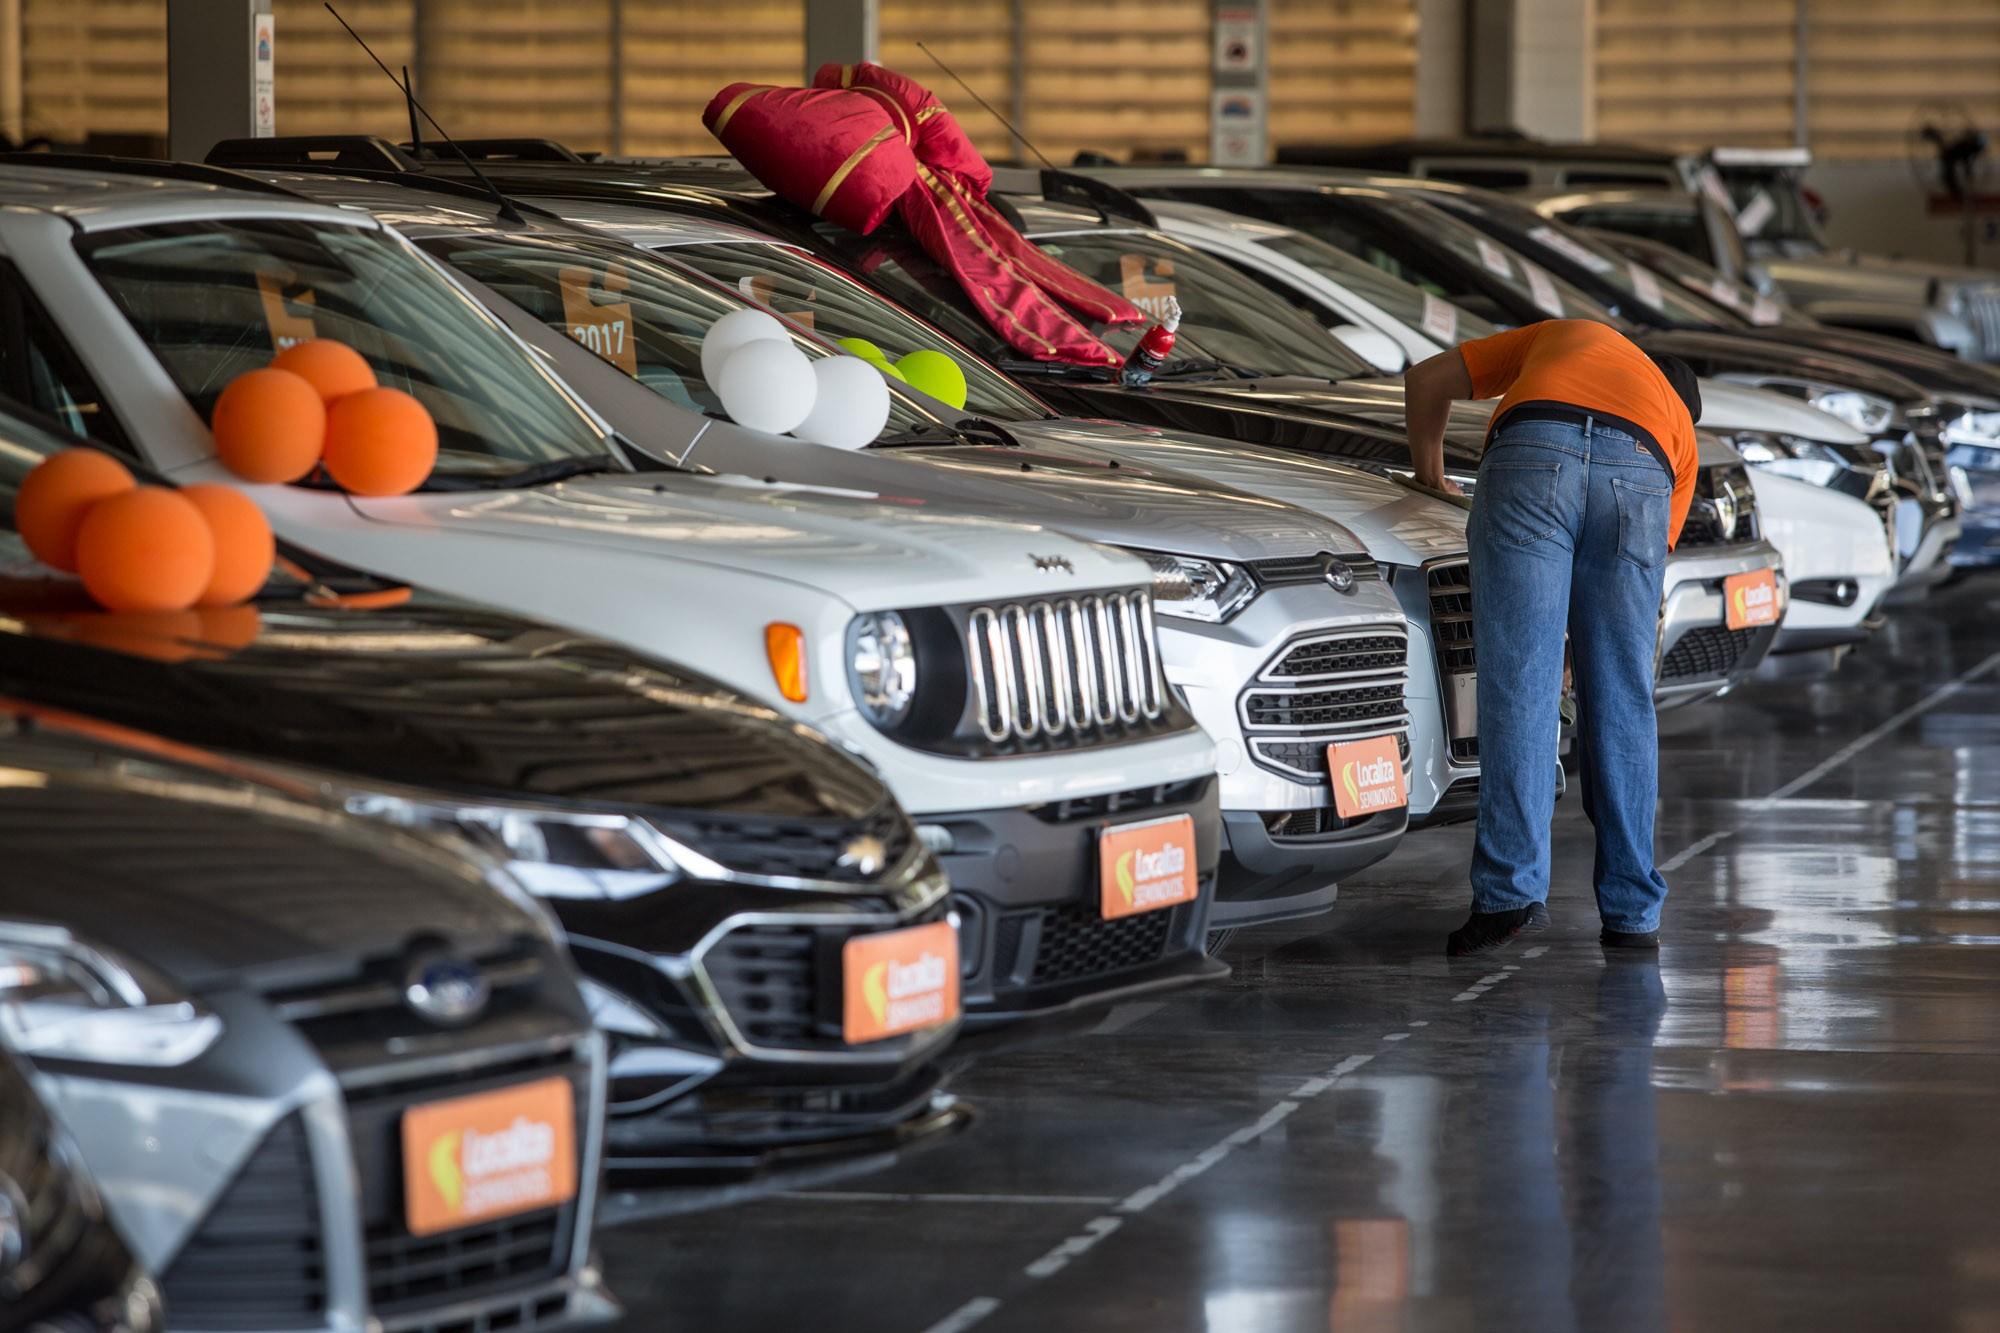 Motoristas de aplicativo devolveram 160 mil carros por causa da queda no serviço, dizem locadoras